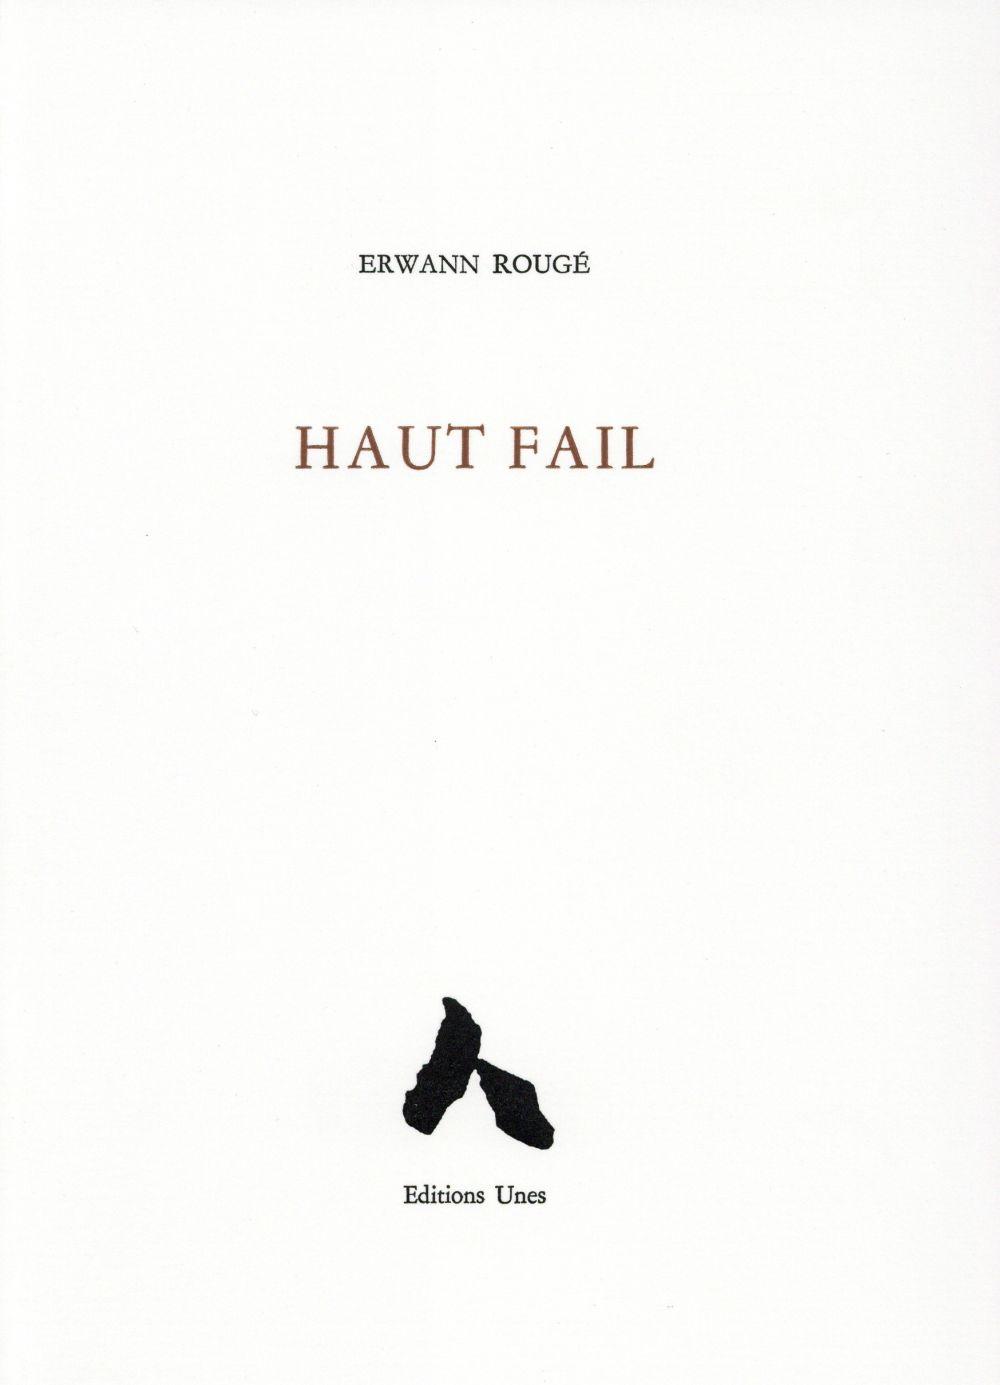 HAUT FAIL